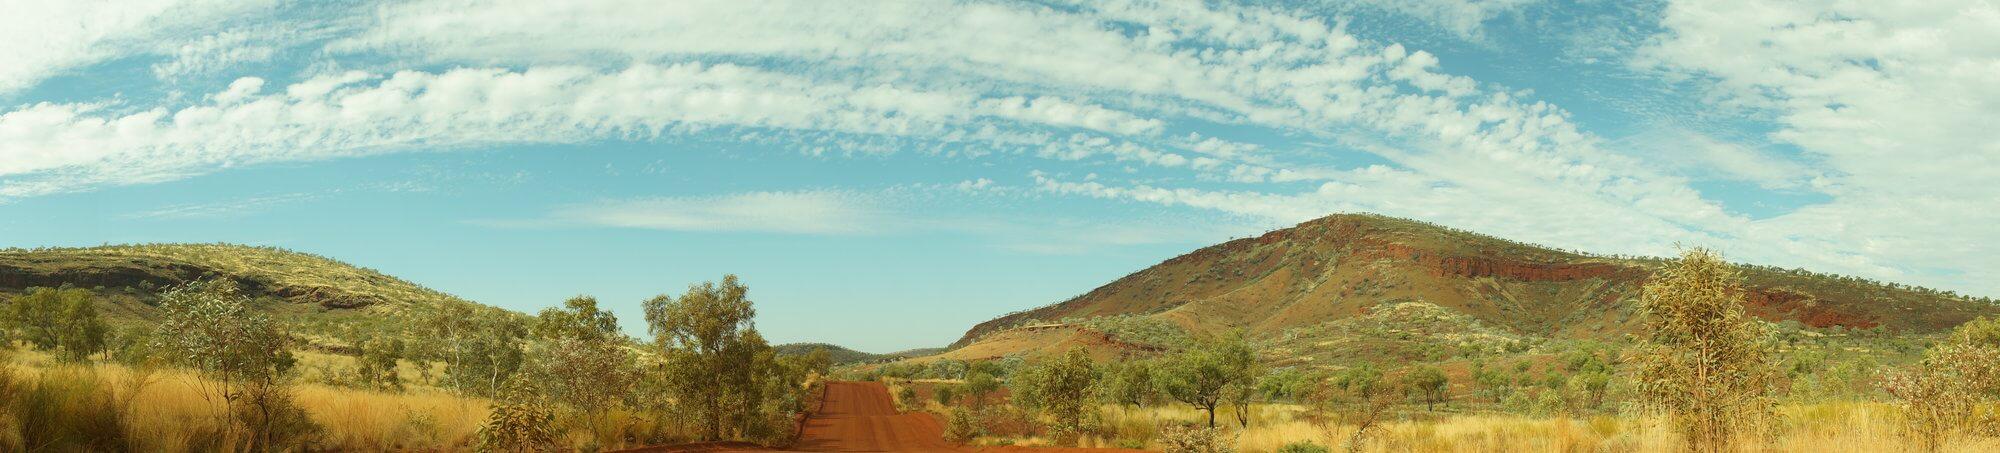 australia-zachodnia-park-narodowy-karijini-2